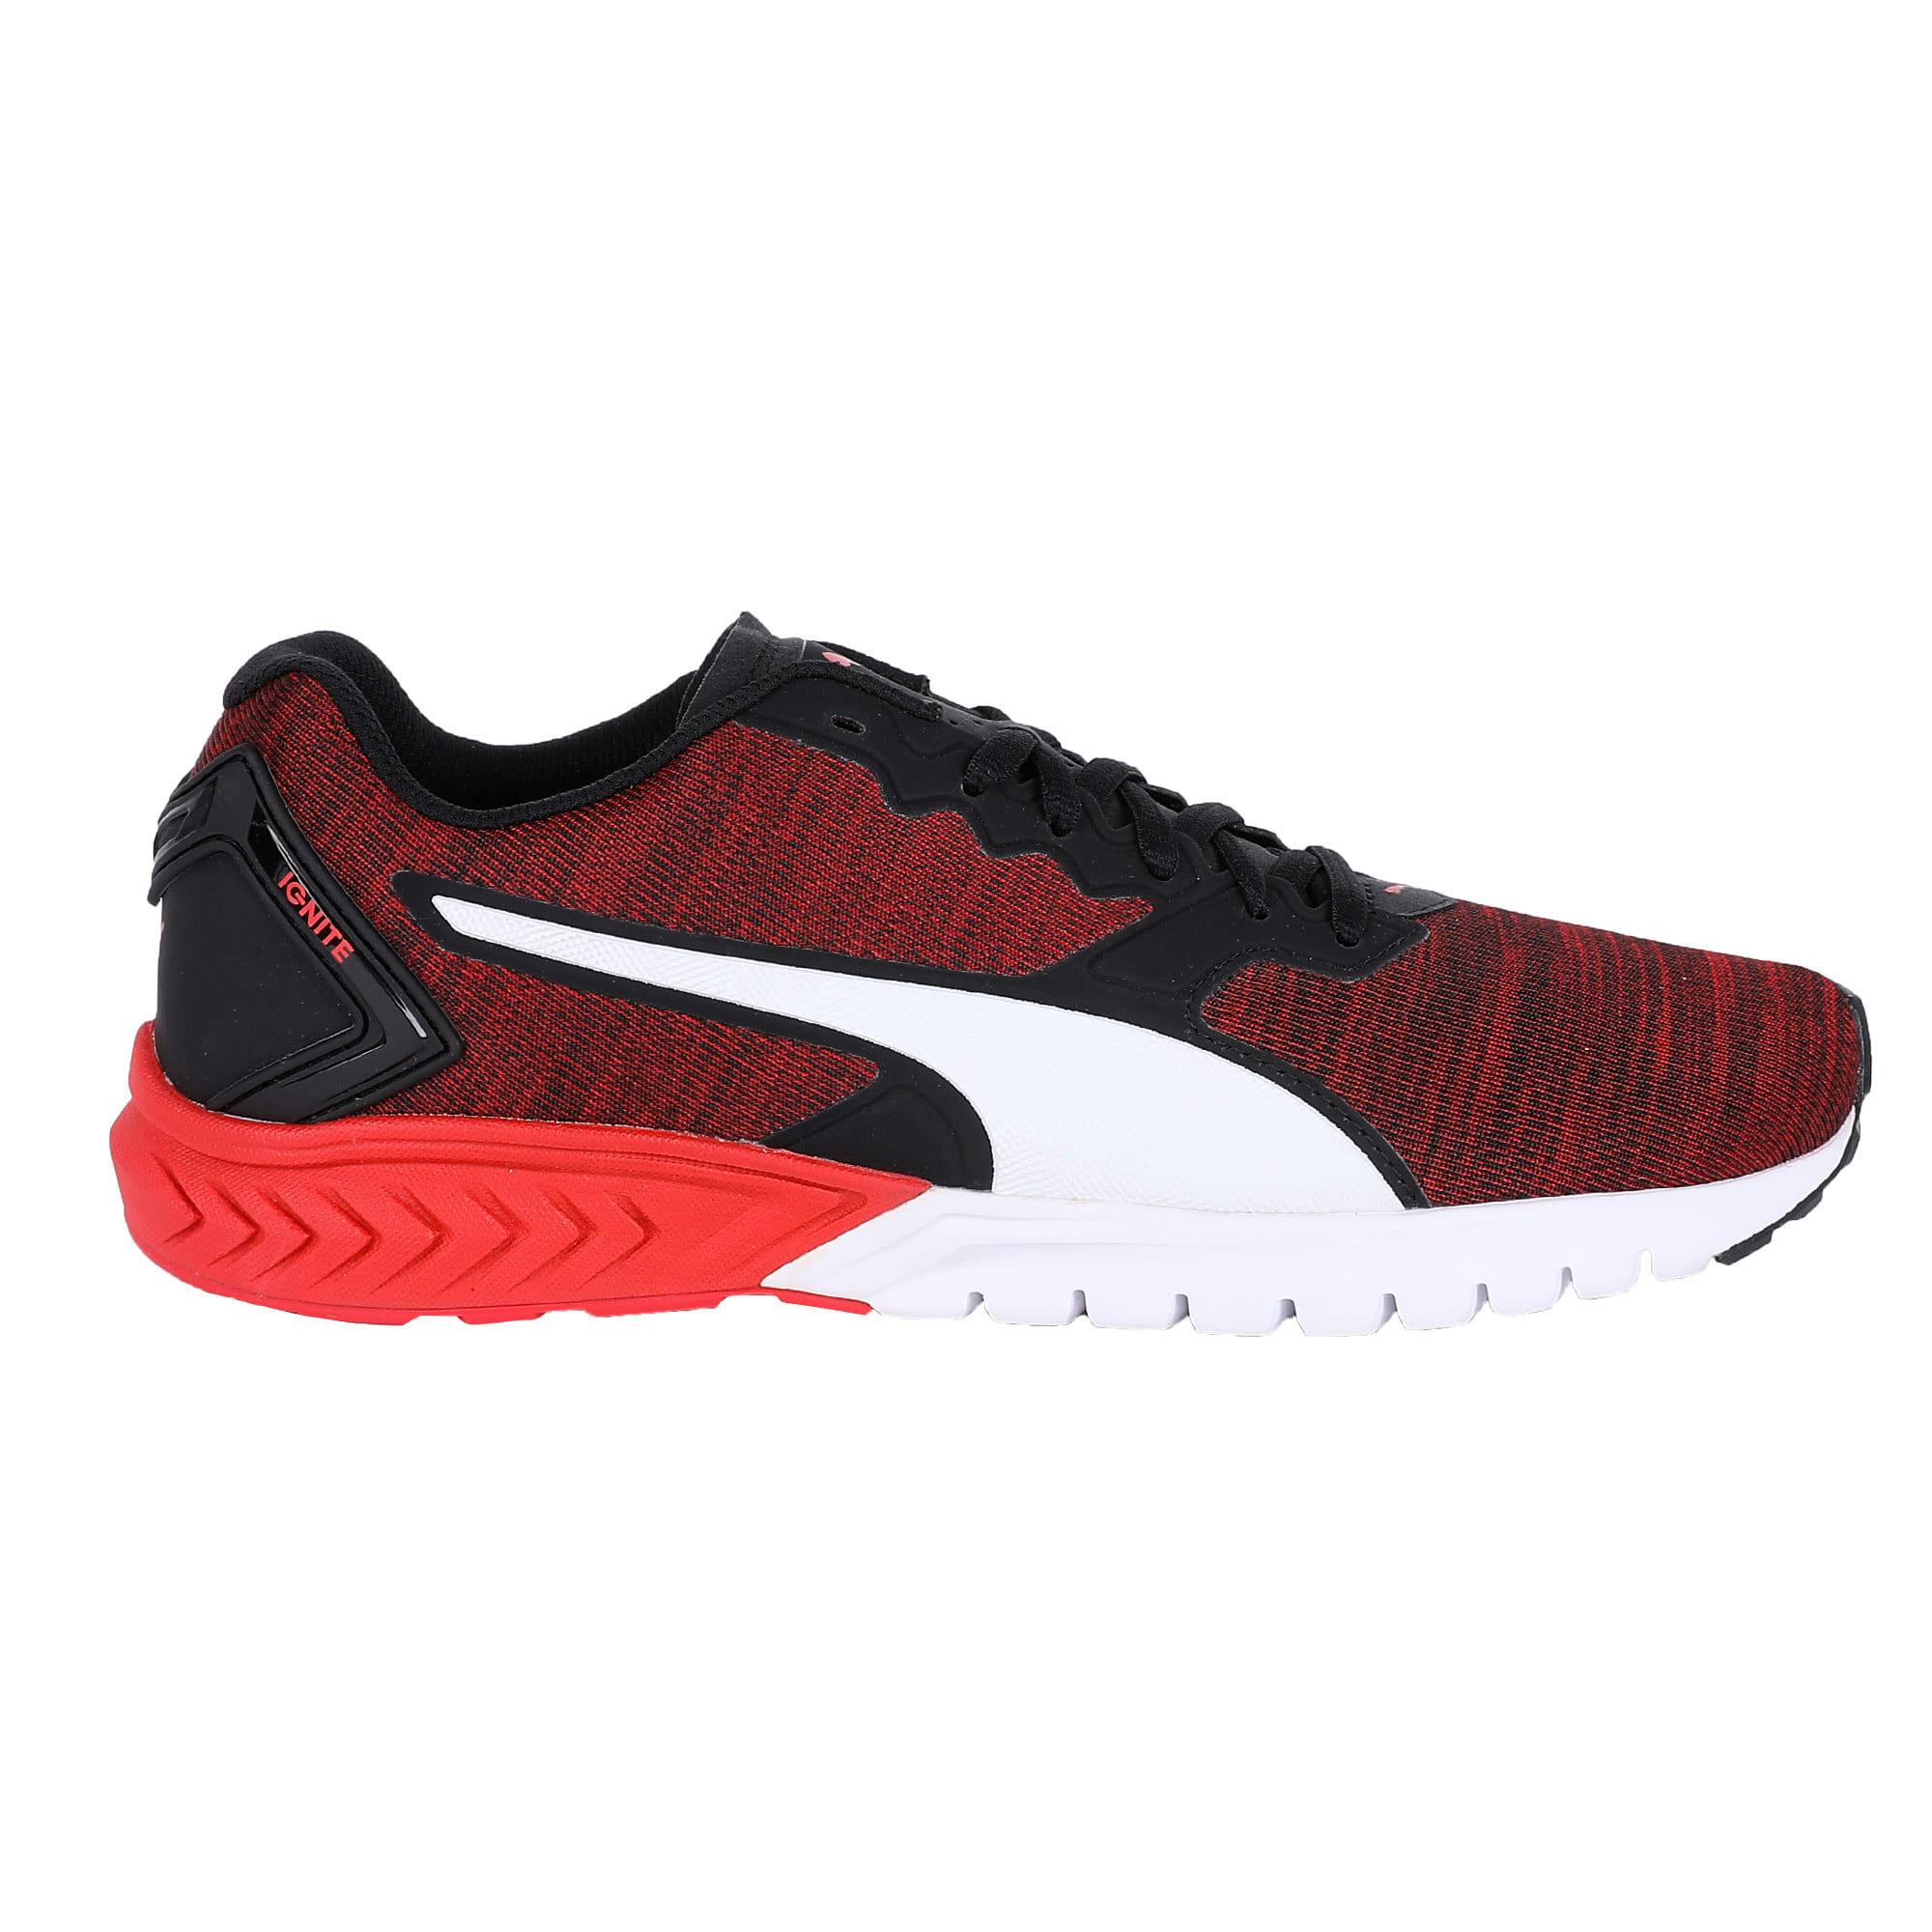 Thumbnail 4 of IGNITE Dual NM Puma Black-Ribbon Red-Pum, Black-Ribbon Red-White, medium-IND